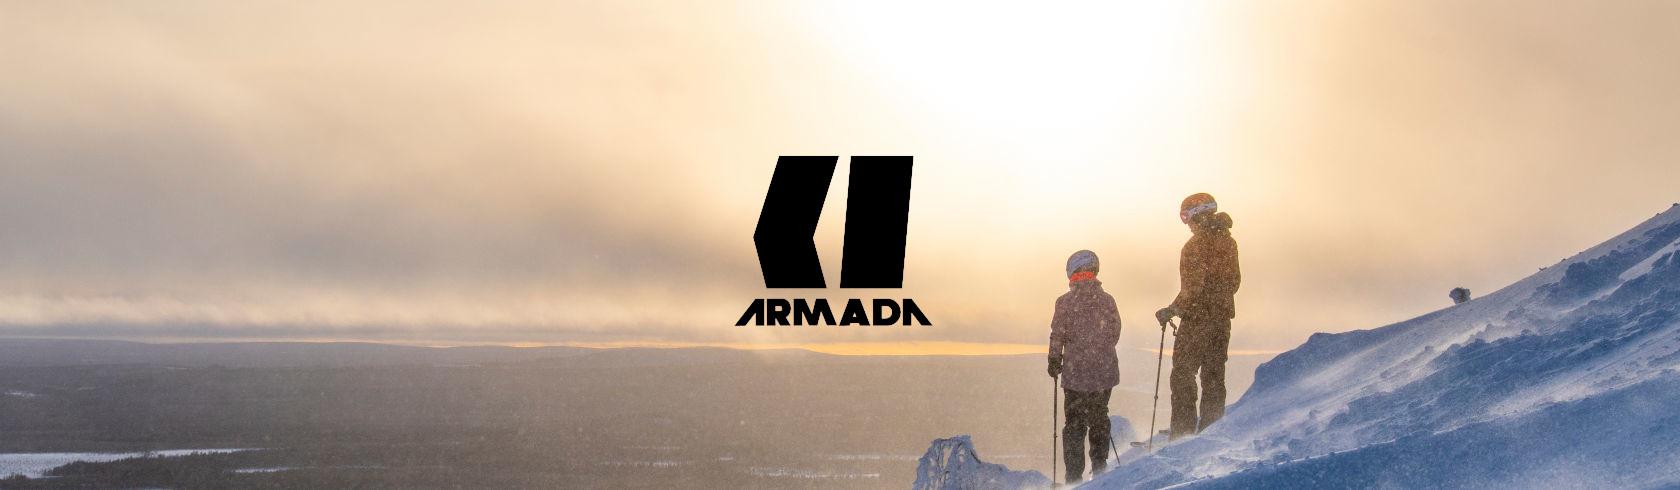 Armada Brand Logo